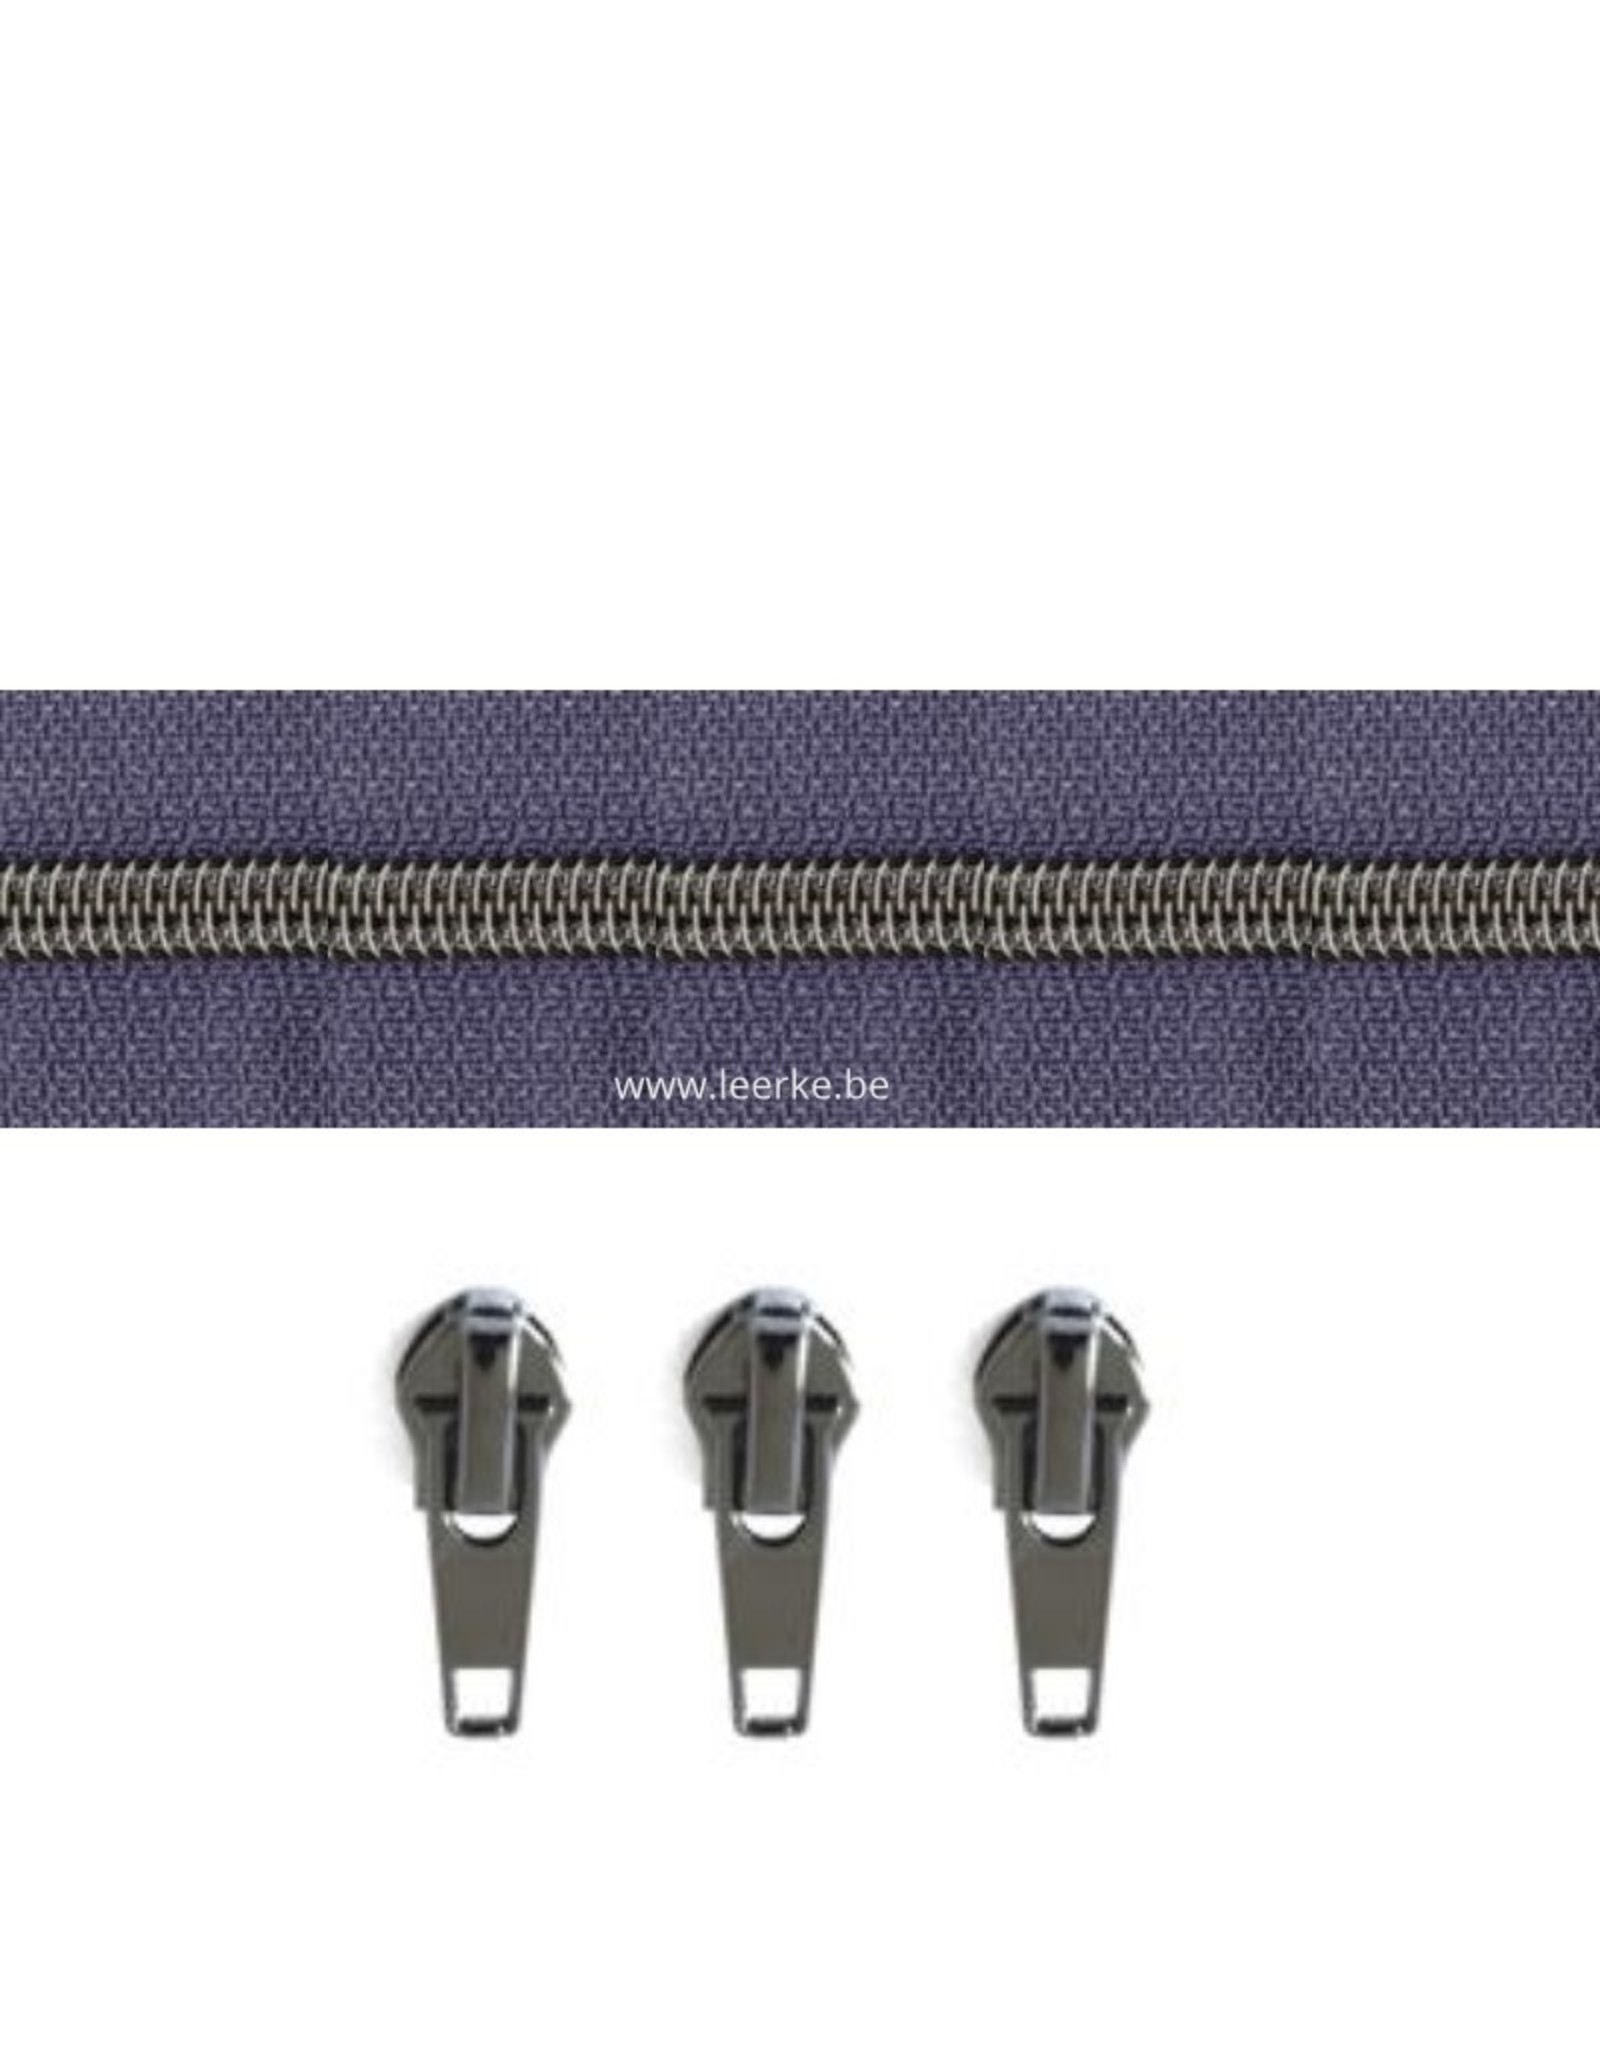 Rits per meter (incl. 3 trekkers) - Gunmetal - Bosbes - Size 6,5